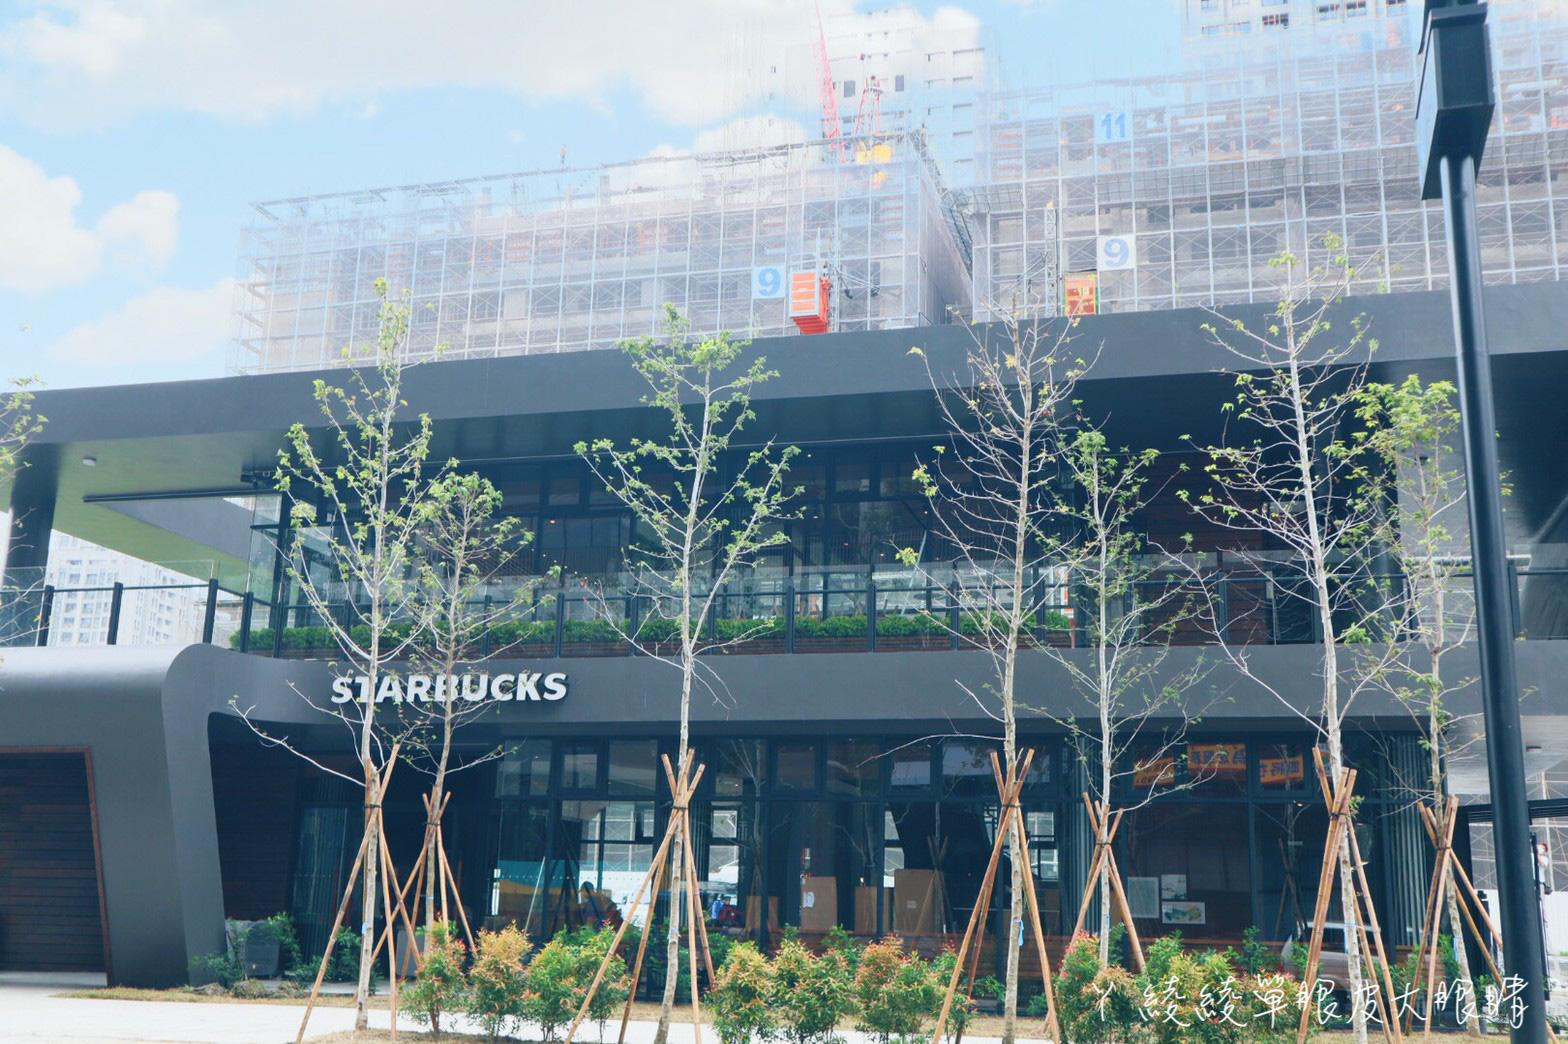 新竹星巴克關埔旗艦店完工倒數,新竹第二間得來速門市!好市多商圈附近光埔重劃區